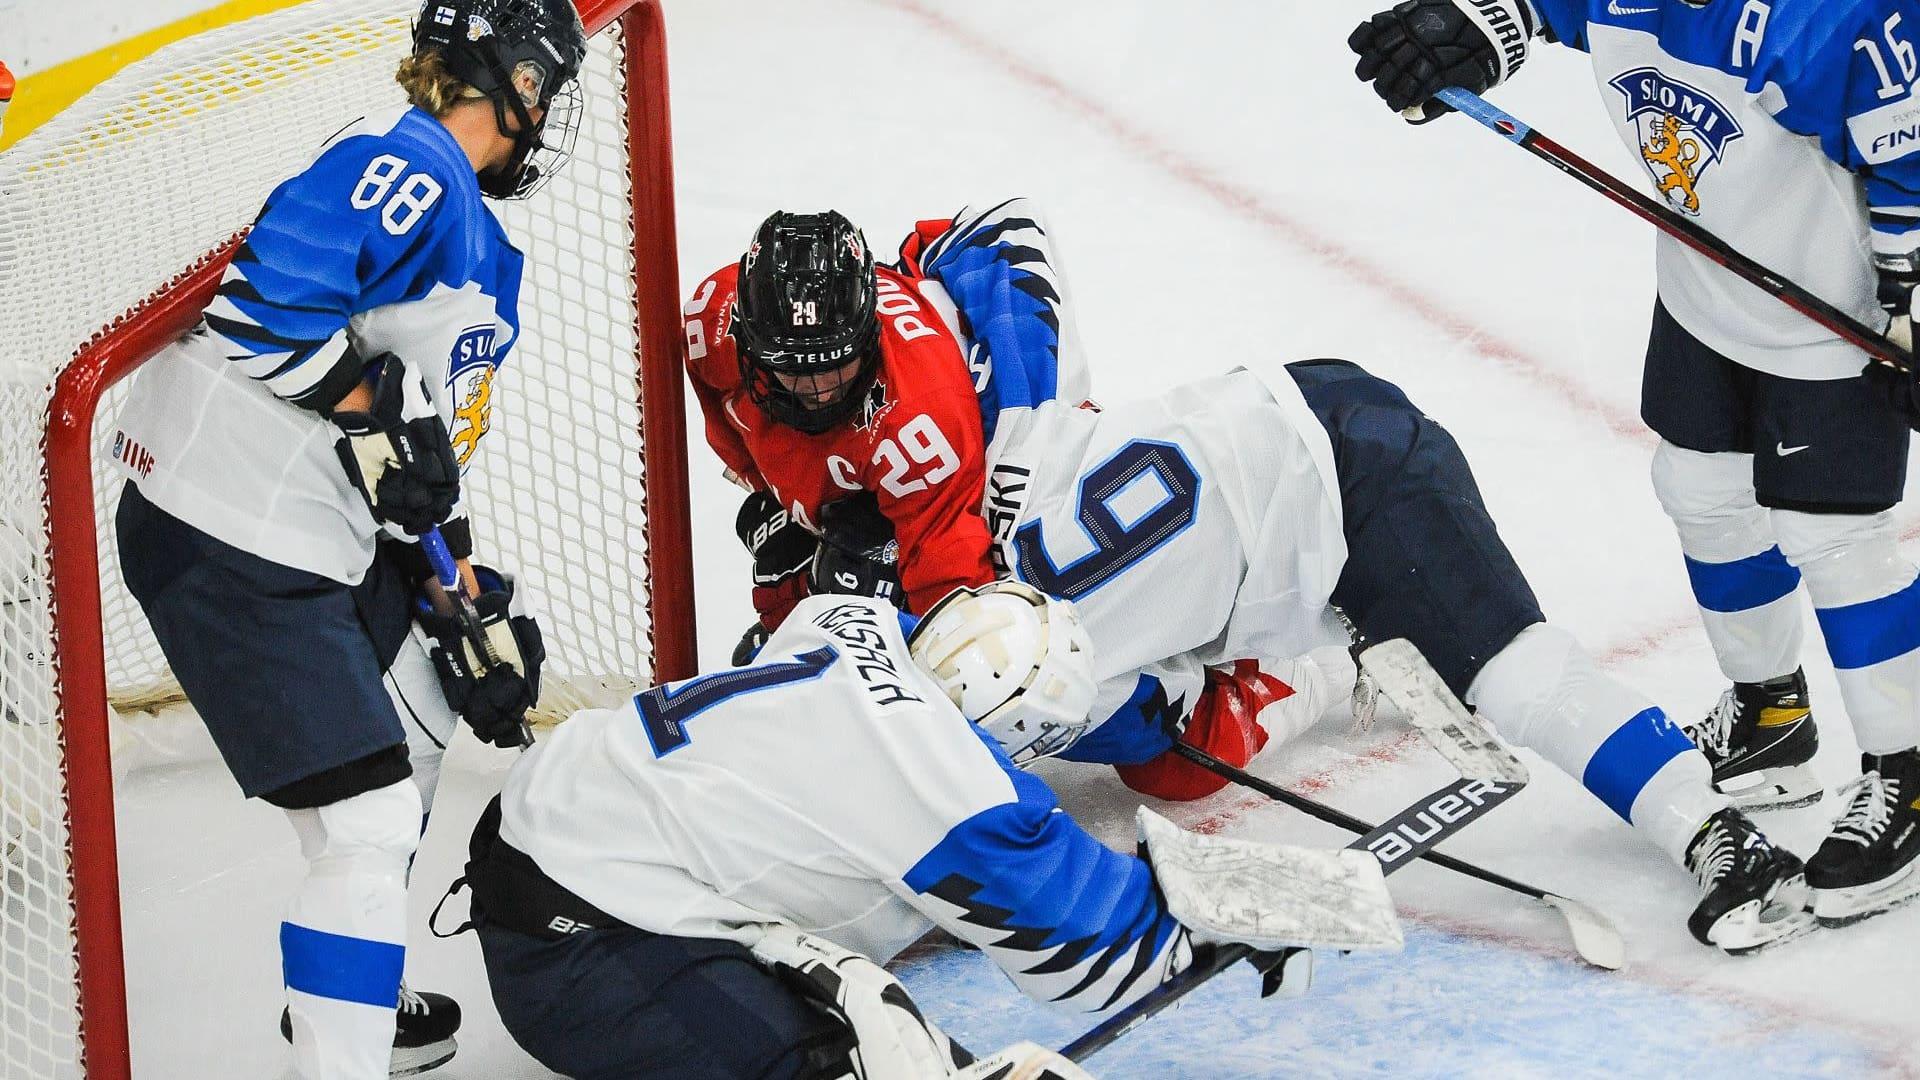 Suomi hävisi jääkiekon naisten MM-kisojen avausottelunsa Kanadalle maalein 3-5 Calgaryssä 20.8.2021.